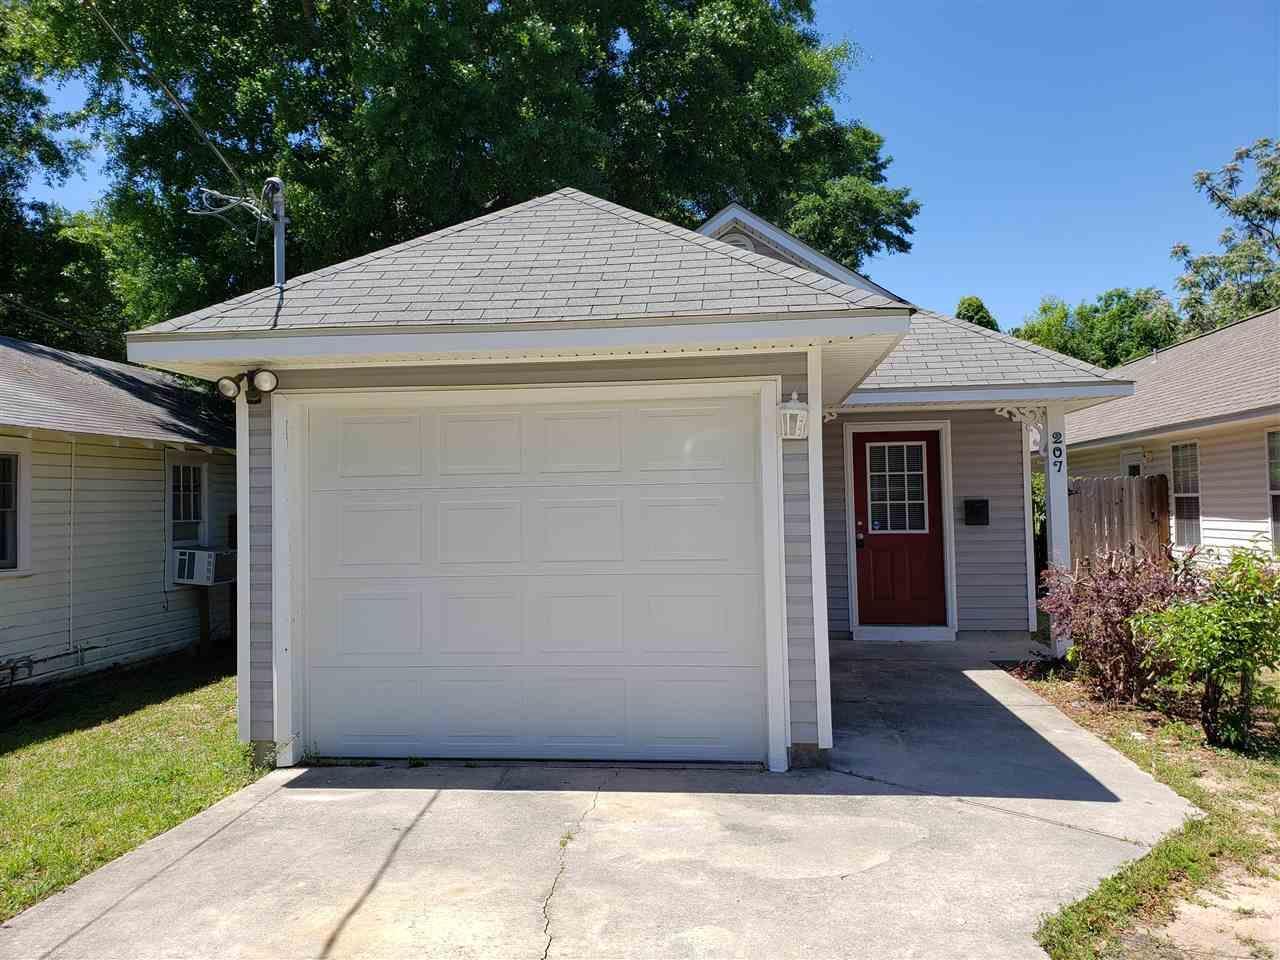 207 N D ST, Pensacola, Florida